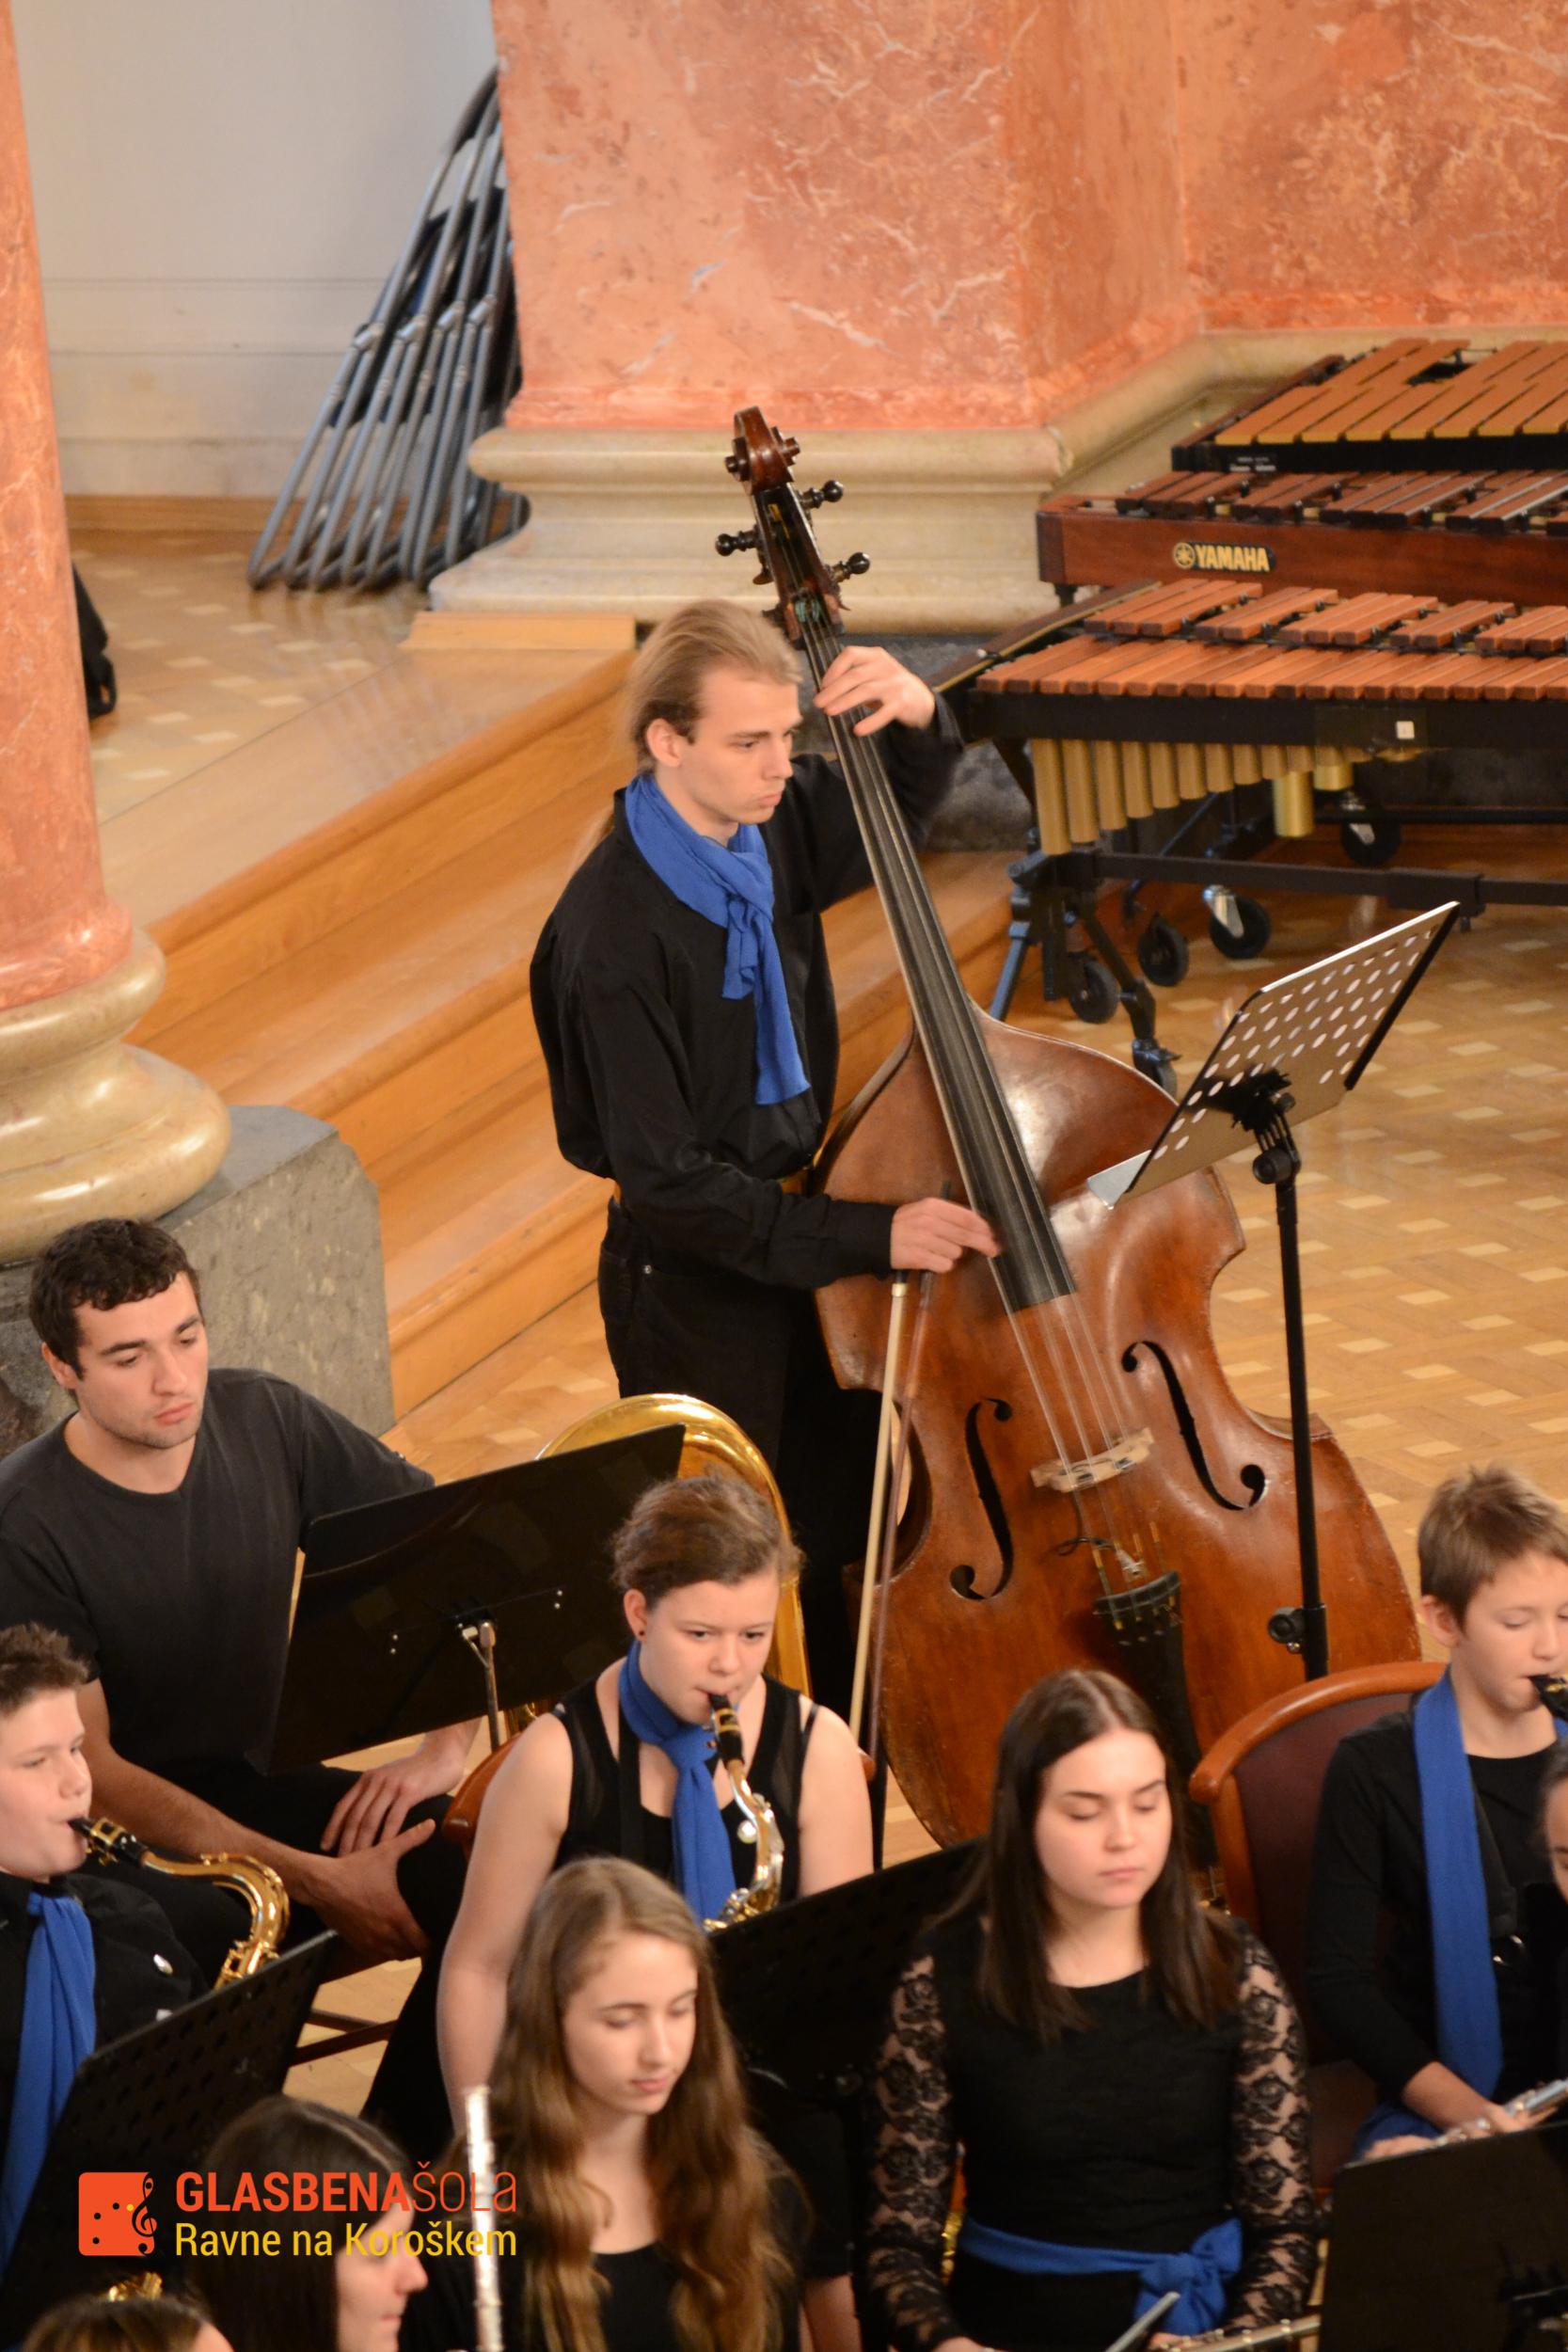 orkester_gs_ravne_rogaska-5